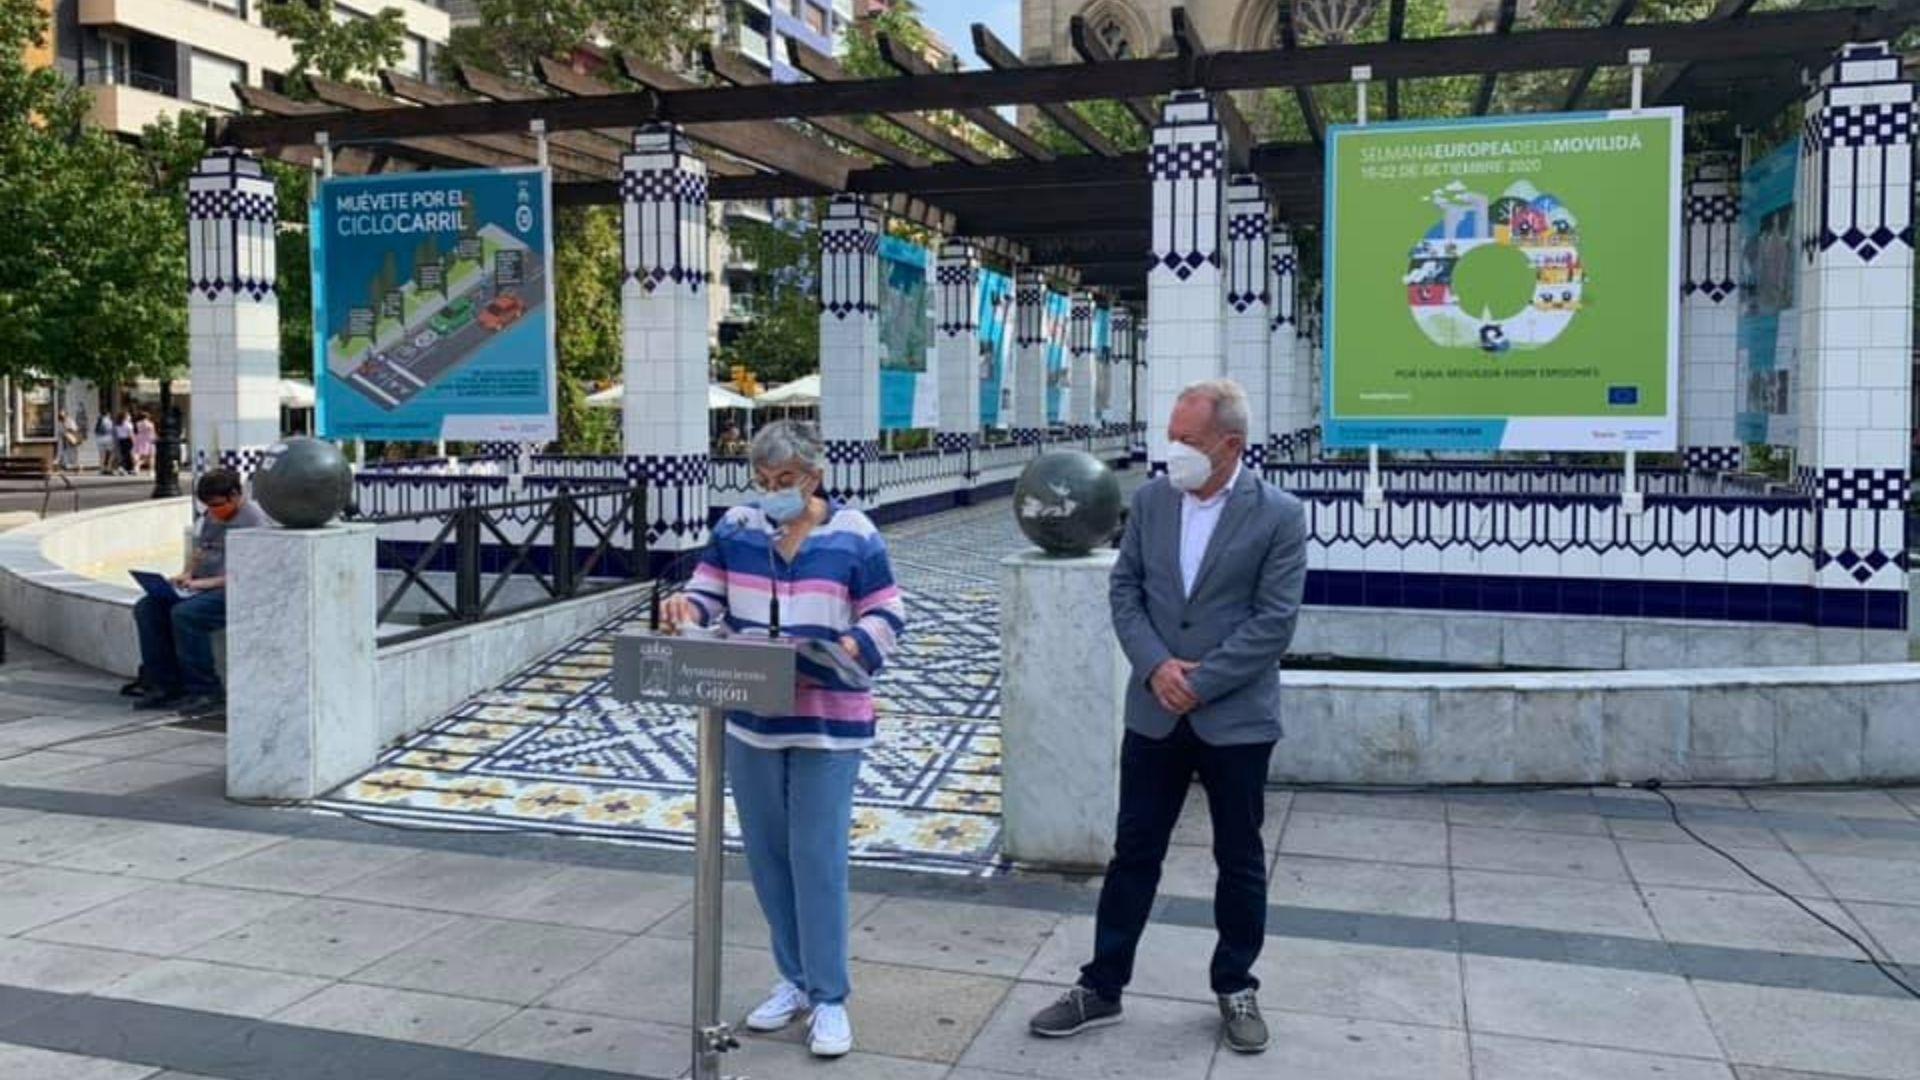 Gijon puerto deportivo muelle.La alcaldesa de Gijón, Ana González, y el concejal de Movilidad, Aurelio Martín, en los campinos de Begoña